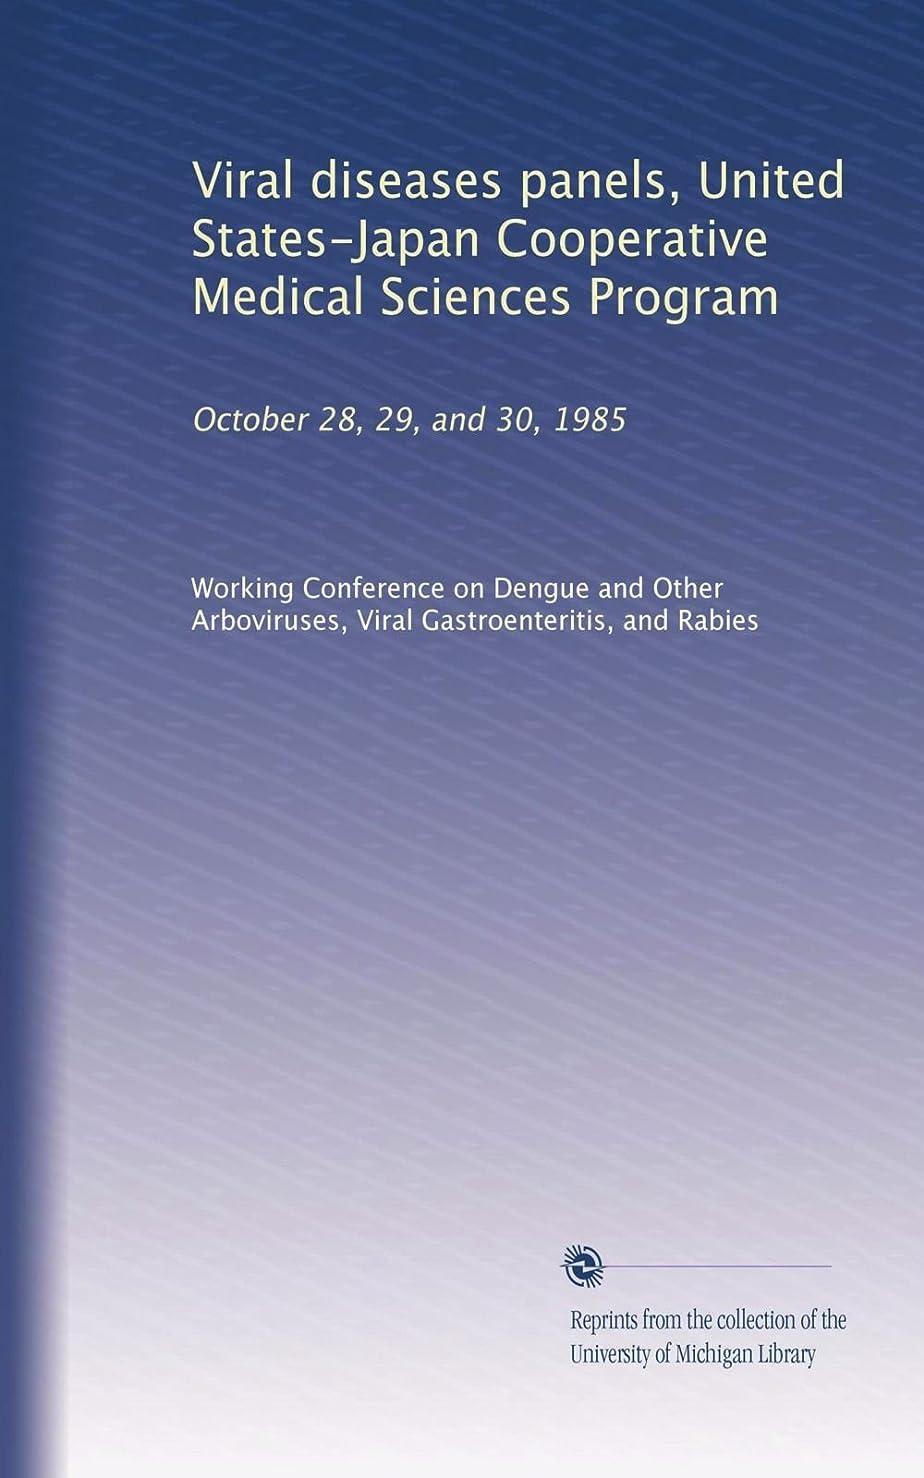 しゃがむ広大な木Viral diseases panels, United States-Japan Cooperative Medical Sciences Program: October 28, 29, and 30, 1985